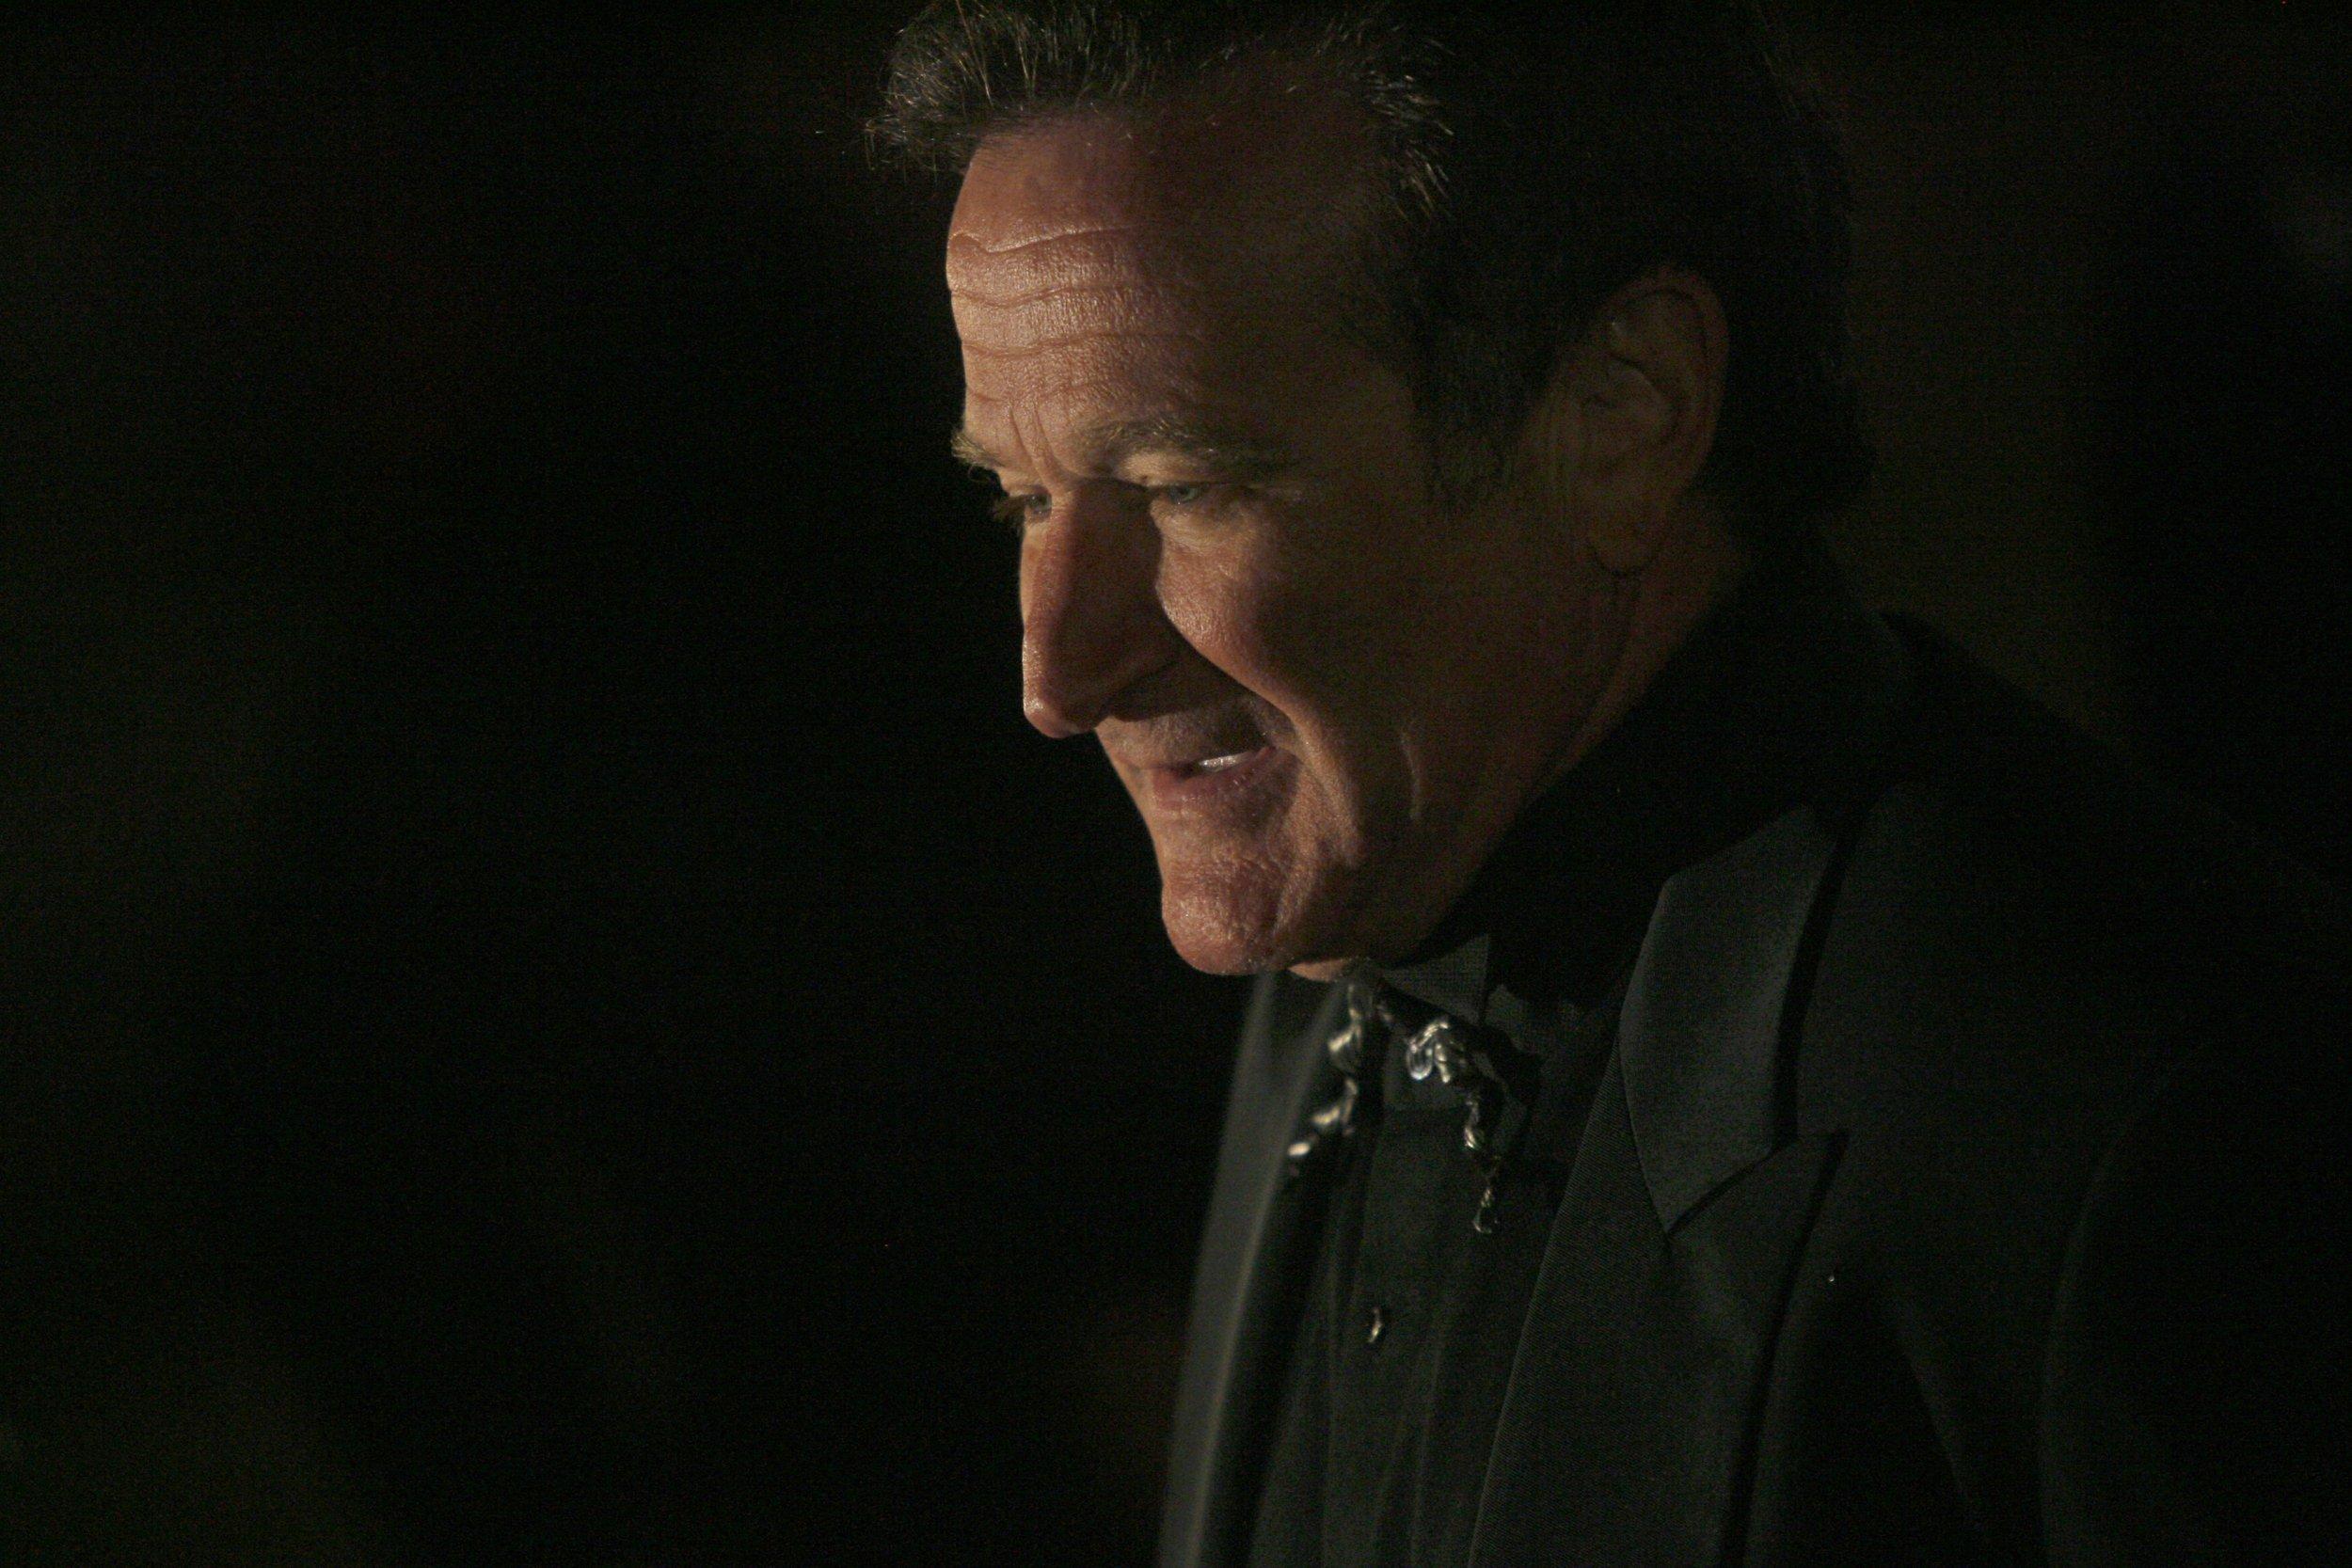 Robin Williams :(